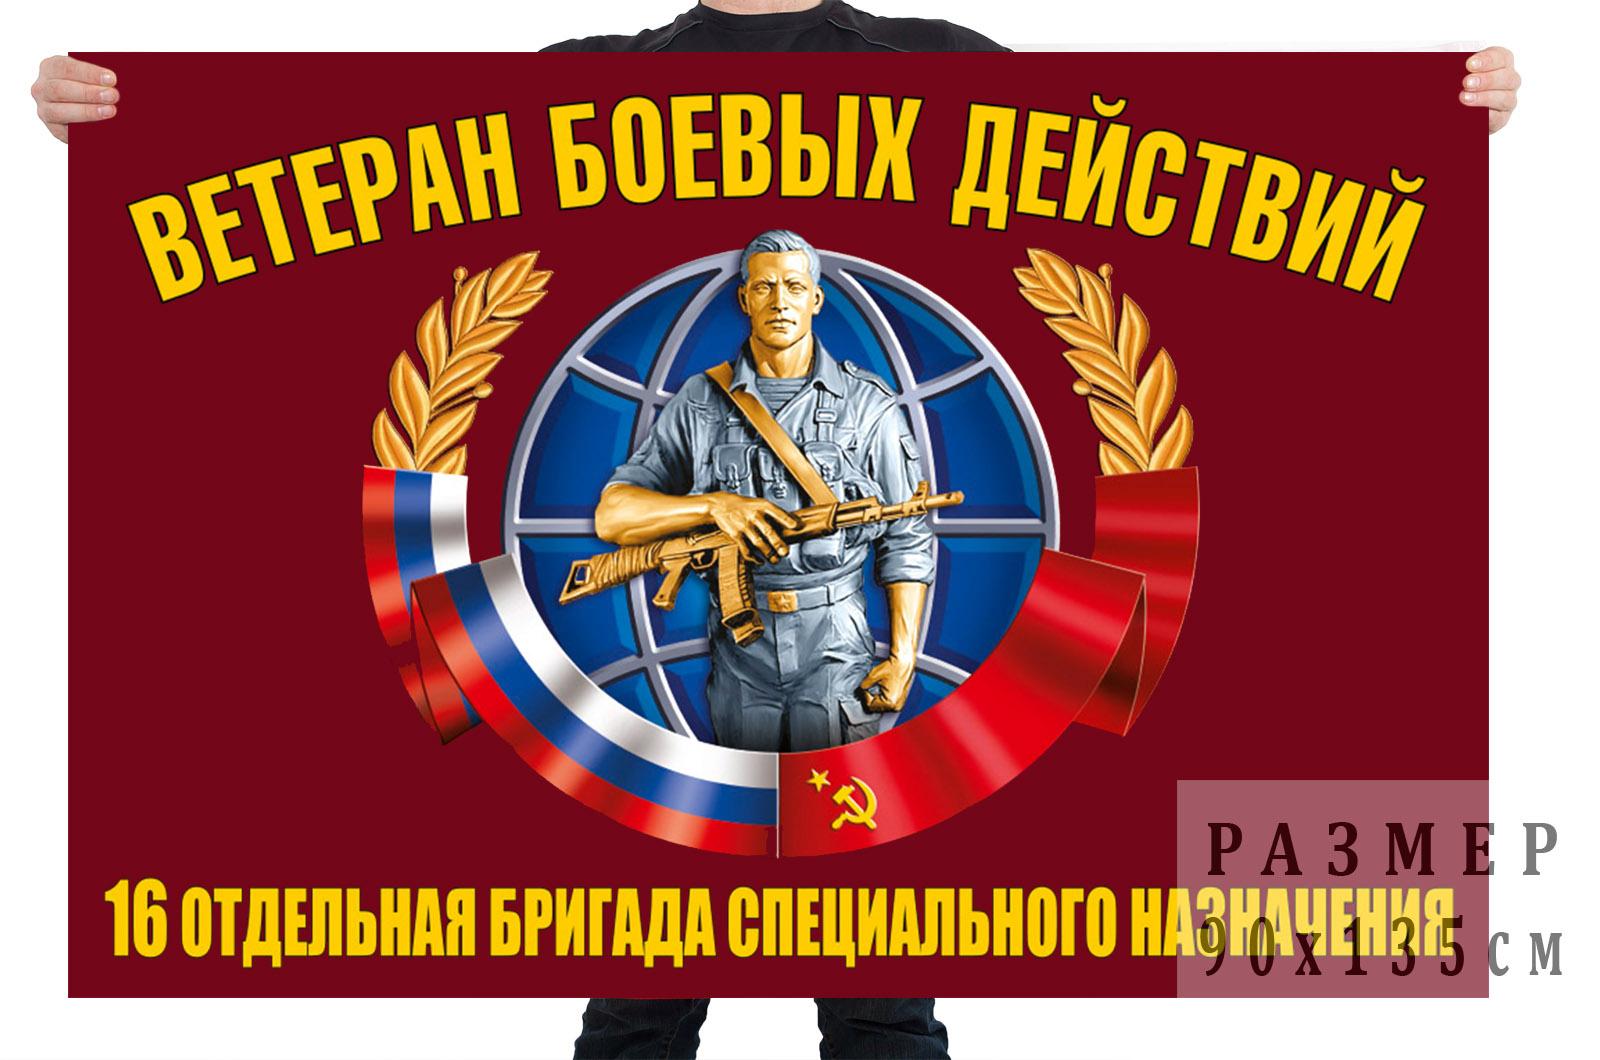 Флаг ветеранов боевых действий 16 отдельной бригады специального назначения